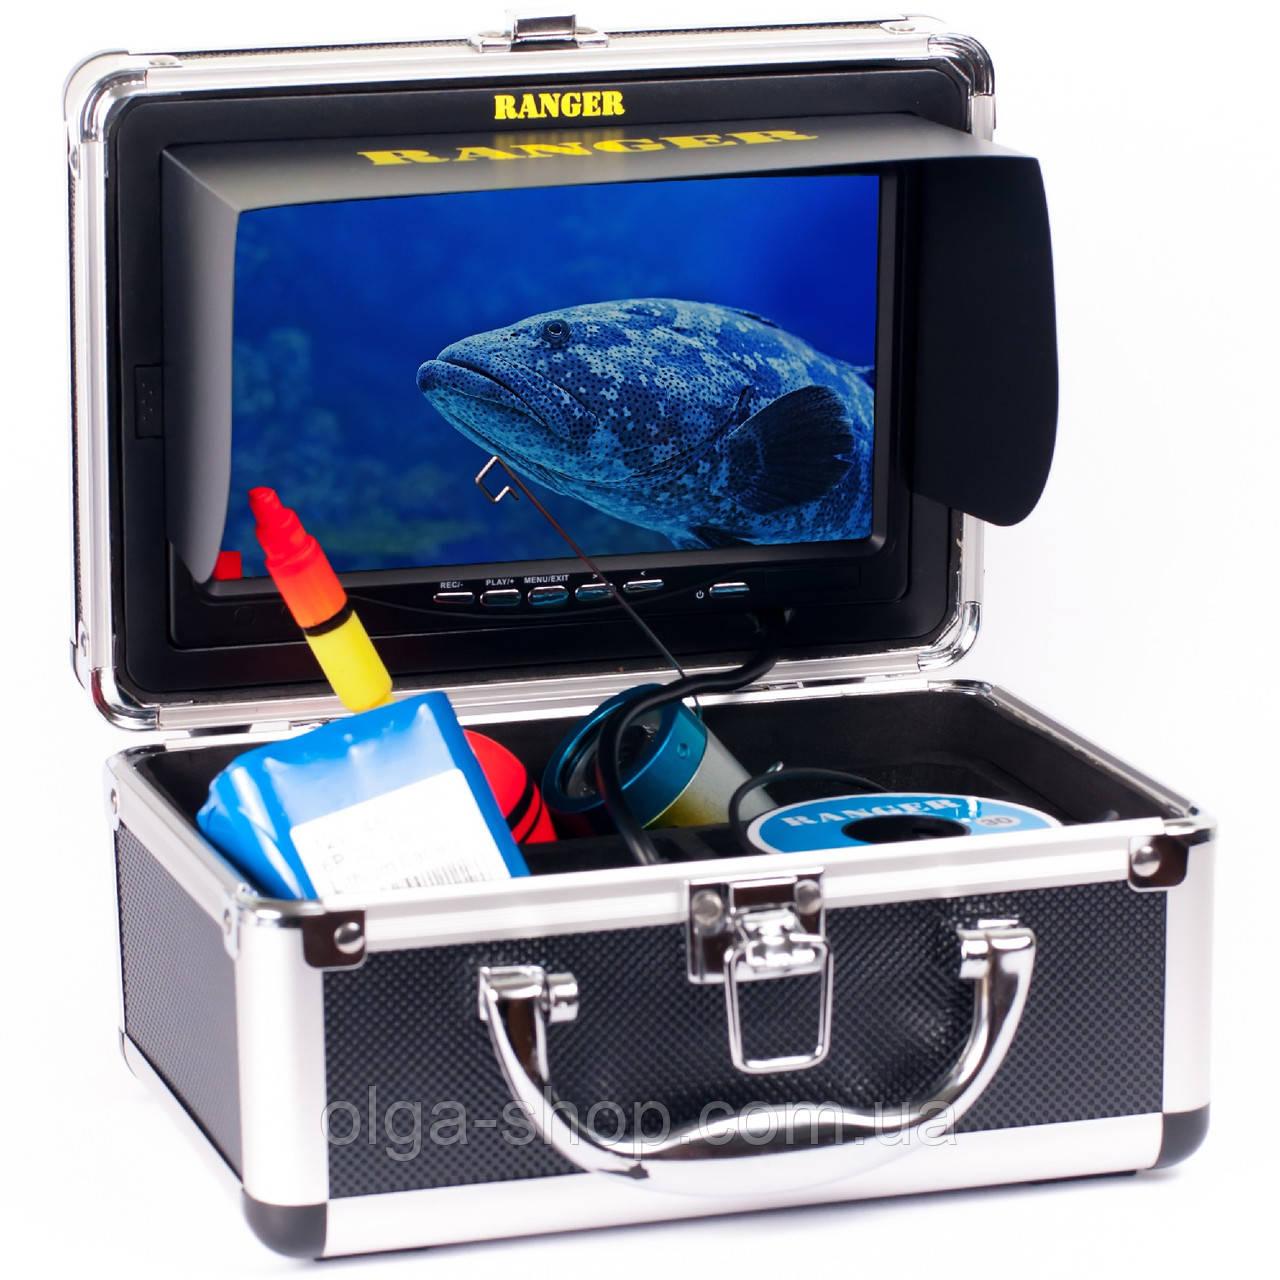 Видеоудочка подводная видеокамера камера для рыбалки Underwater Fishing Camera Ranger Lux Case 30 m